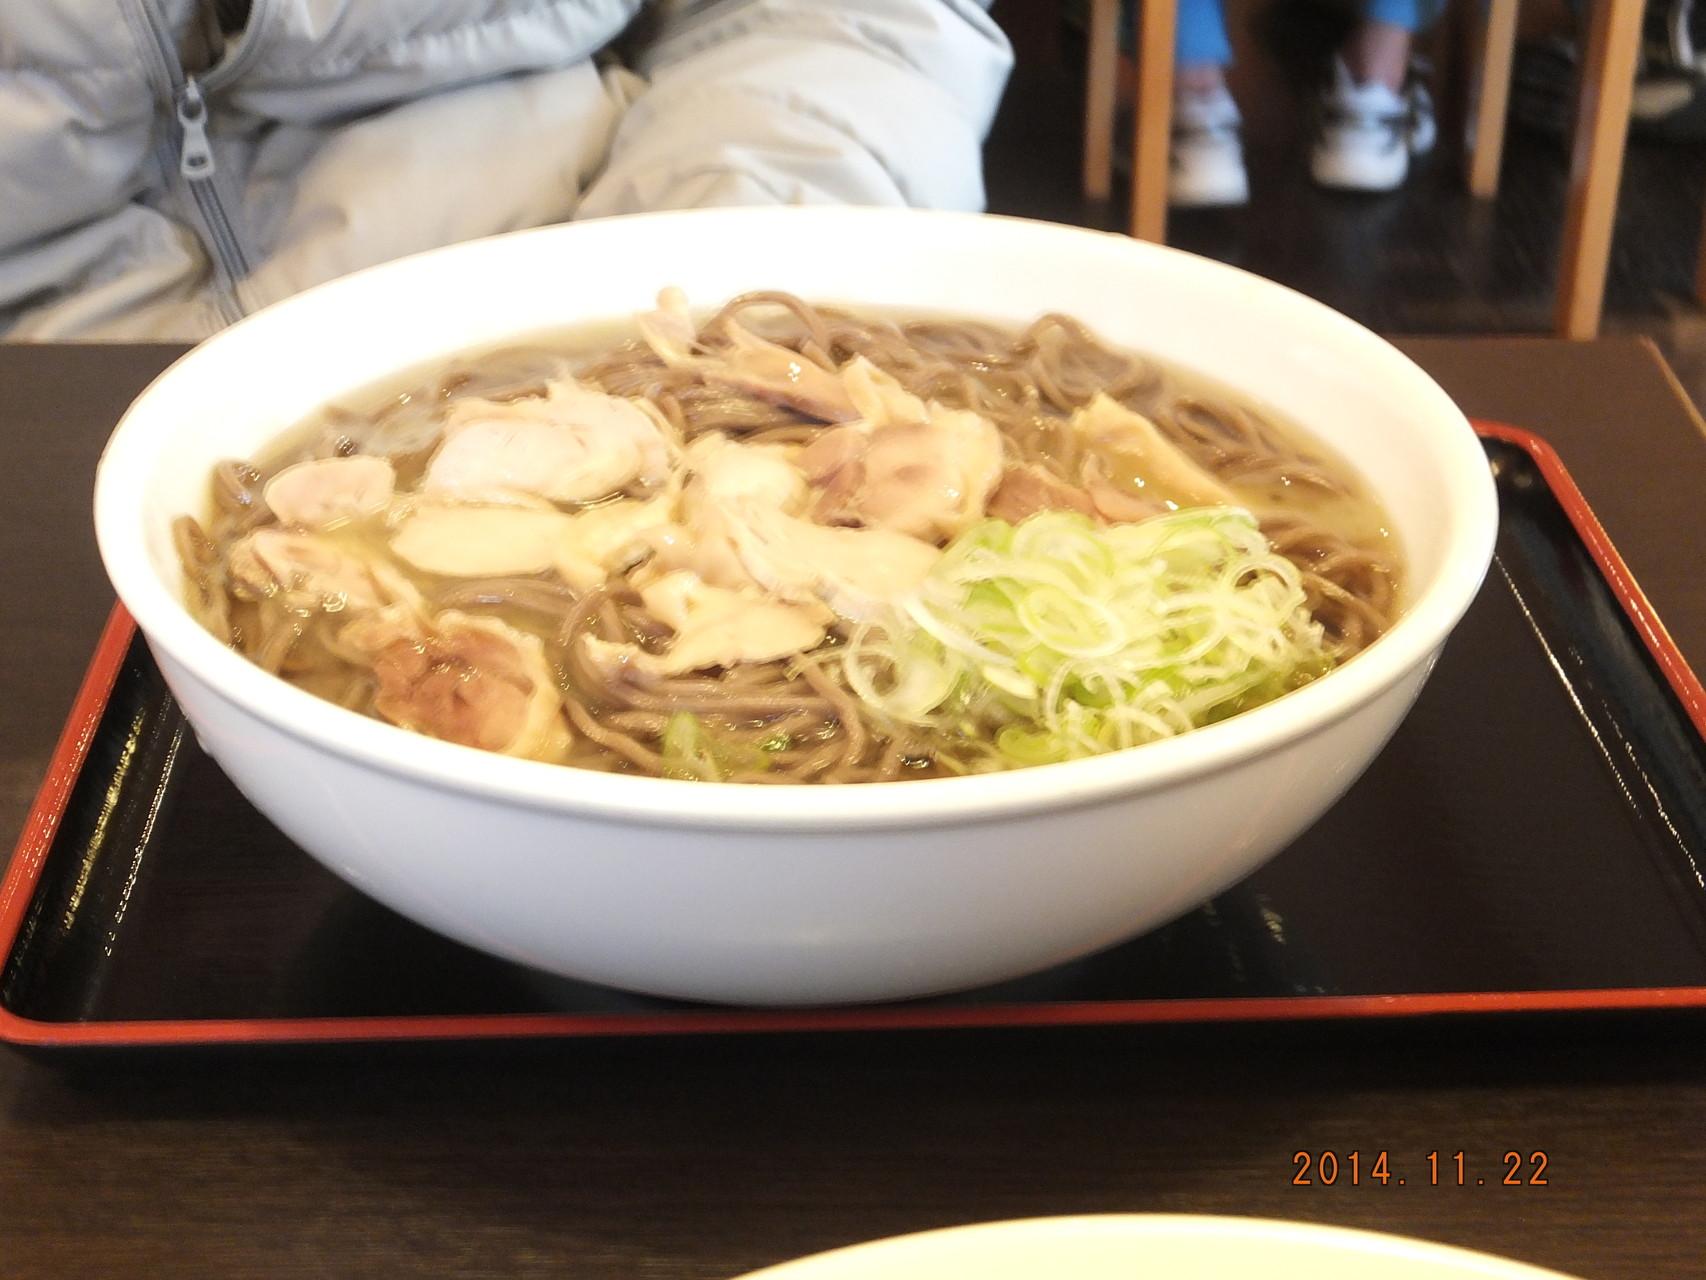 河北町『一寸(ちょっと)亭』の『特盛り』。中学生のチャレンジ麺です。